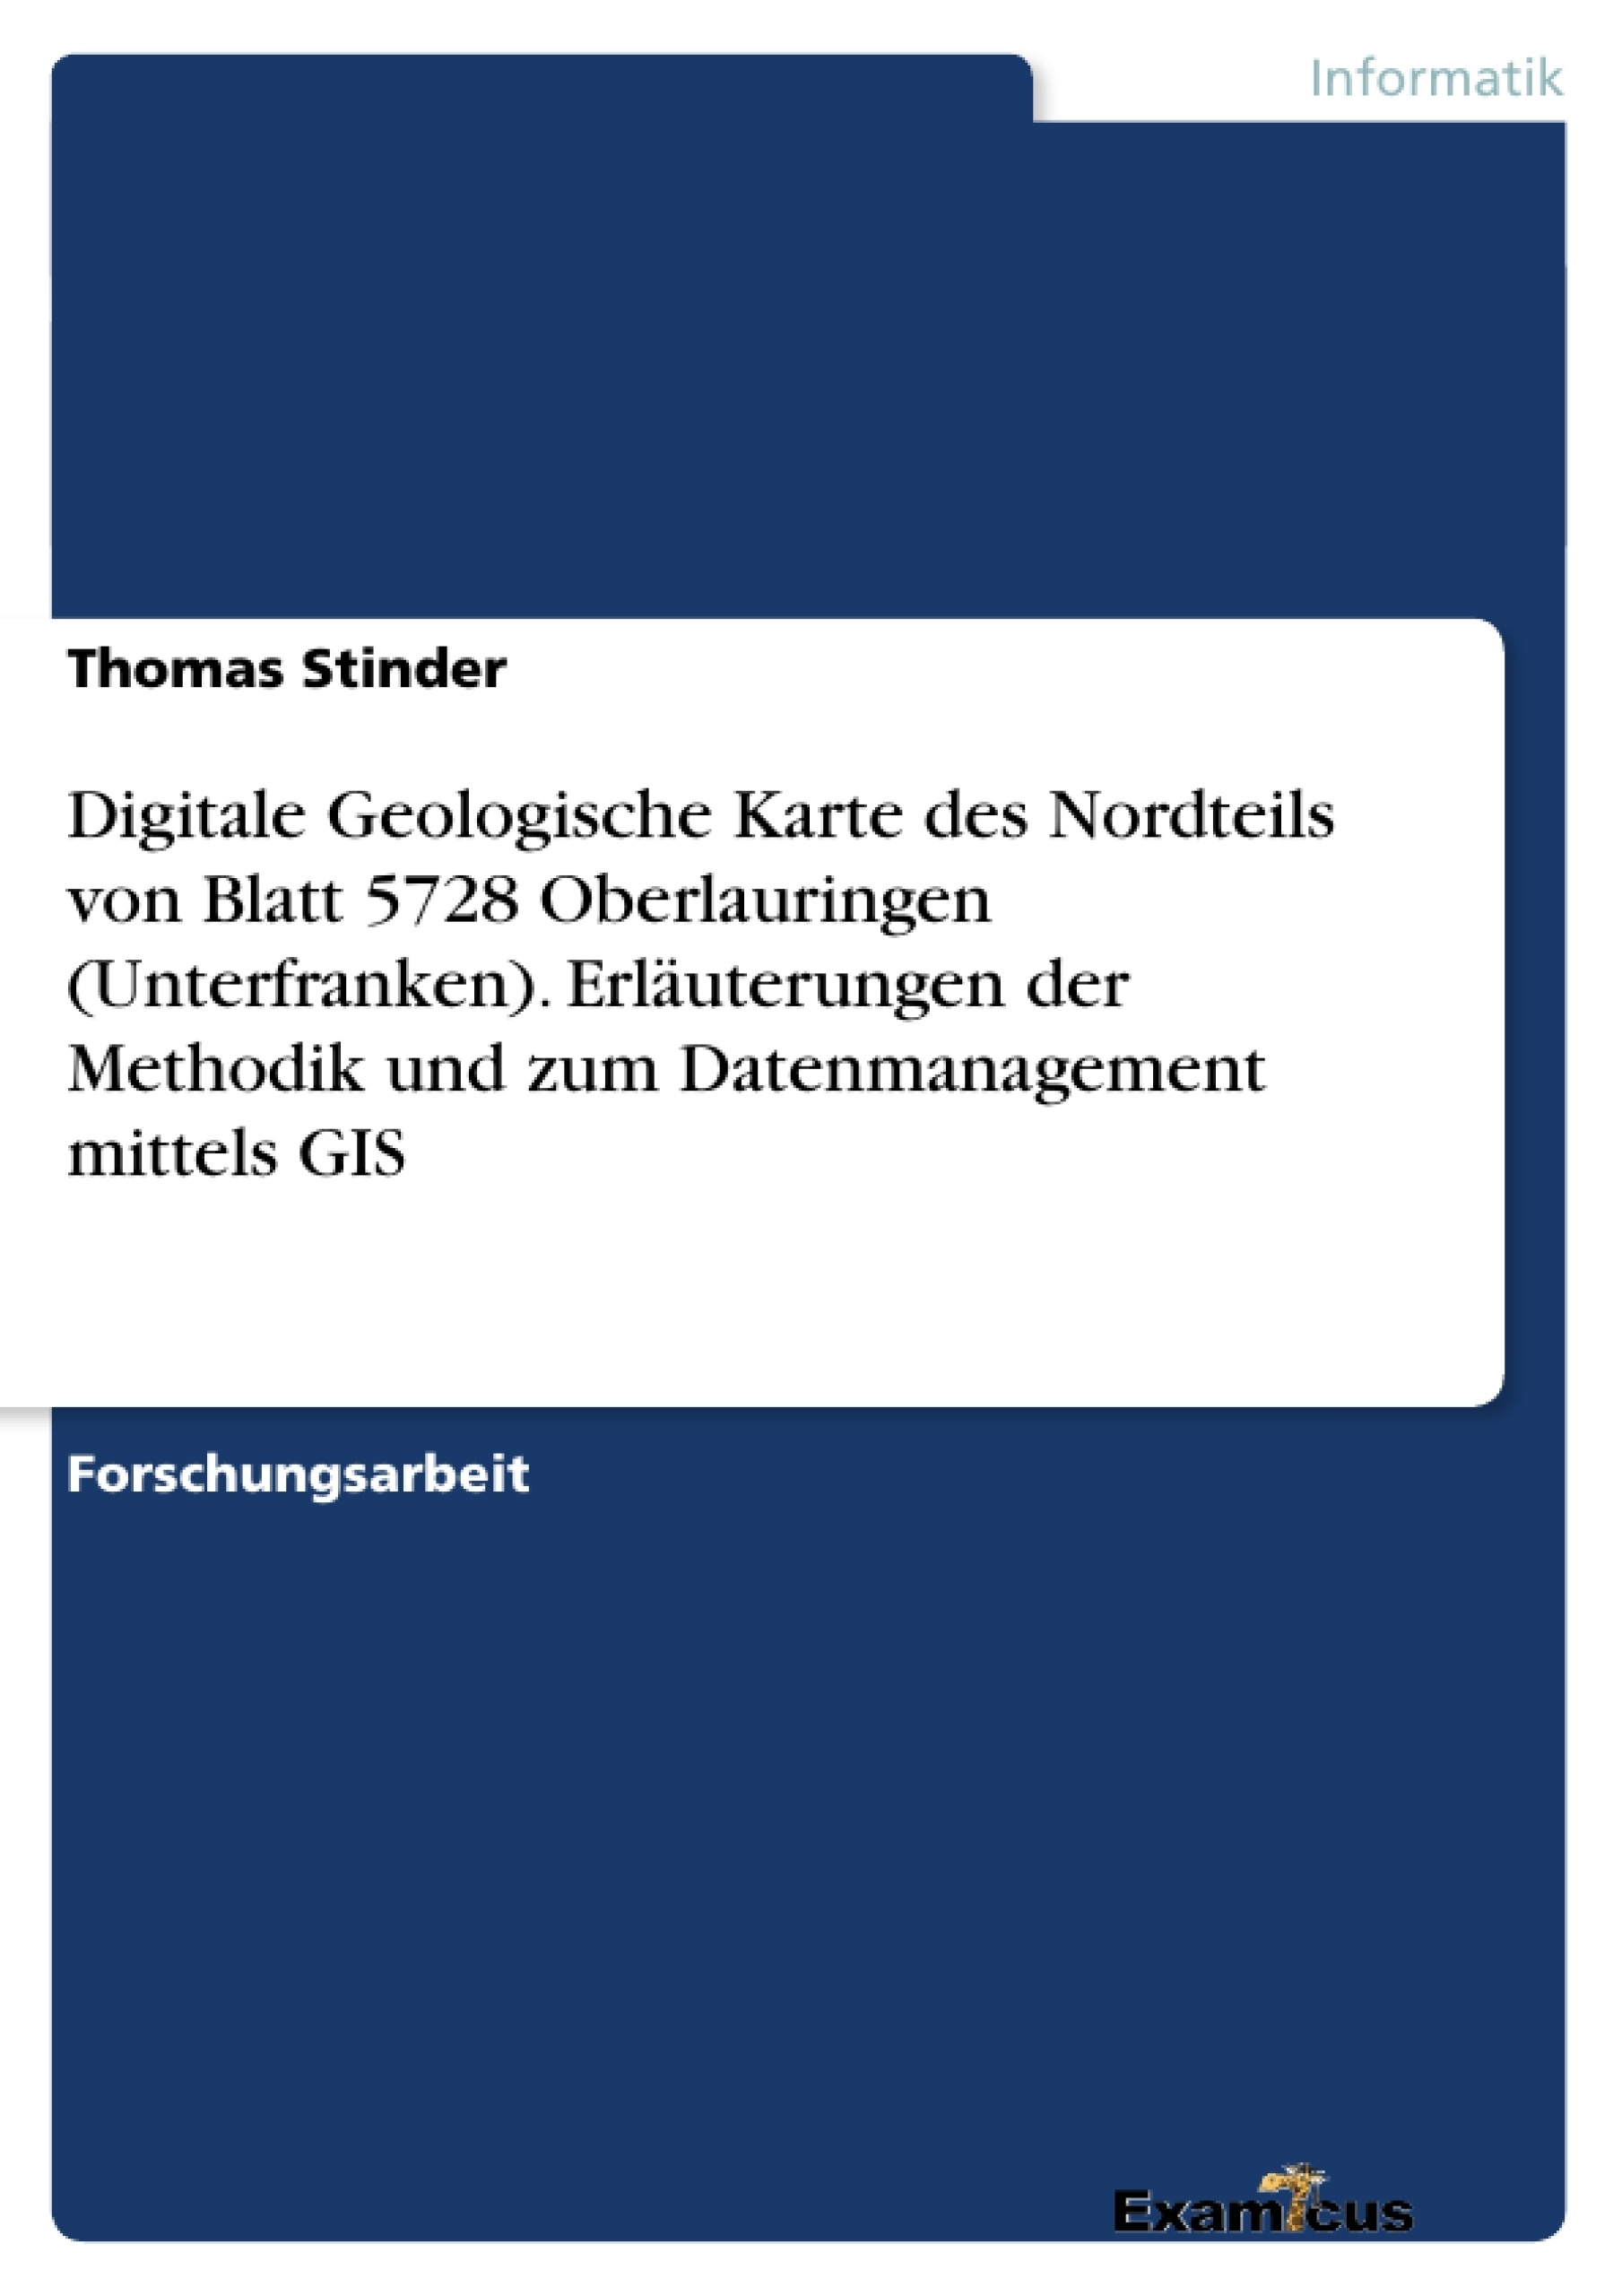 Titel: Digitale Geologische Karte des Nordteils von Blatt 5728 Oberlauringen (Unterfranken). Erläuterungen der Methodik und zum Datenmanagement mittels GIS